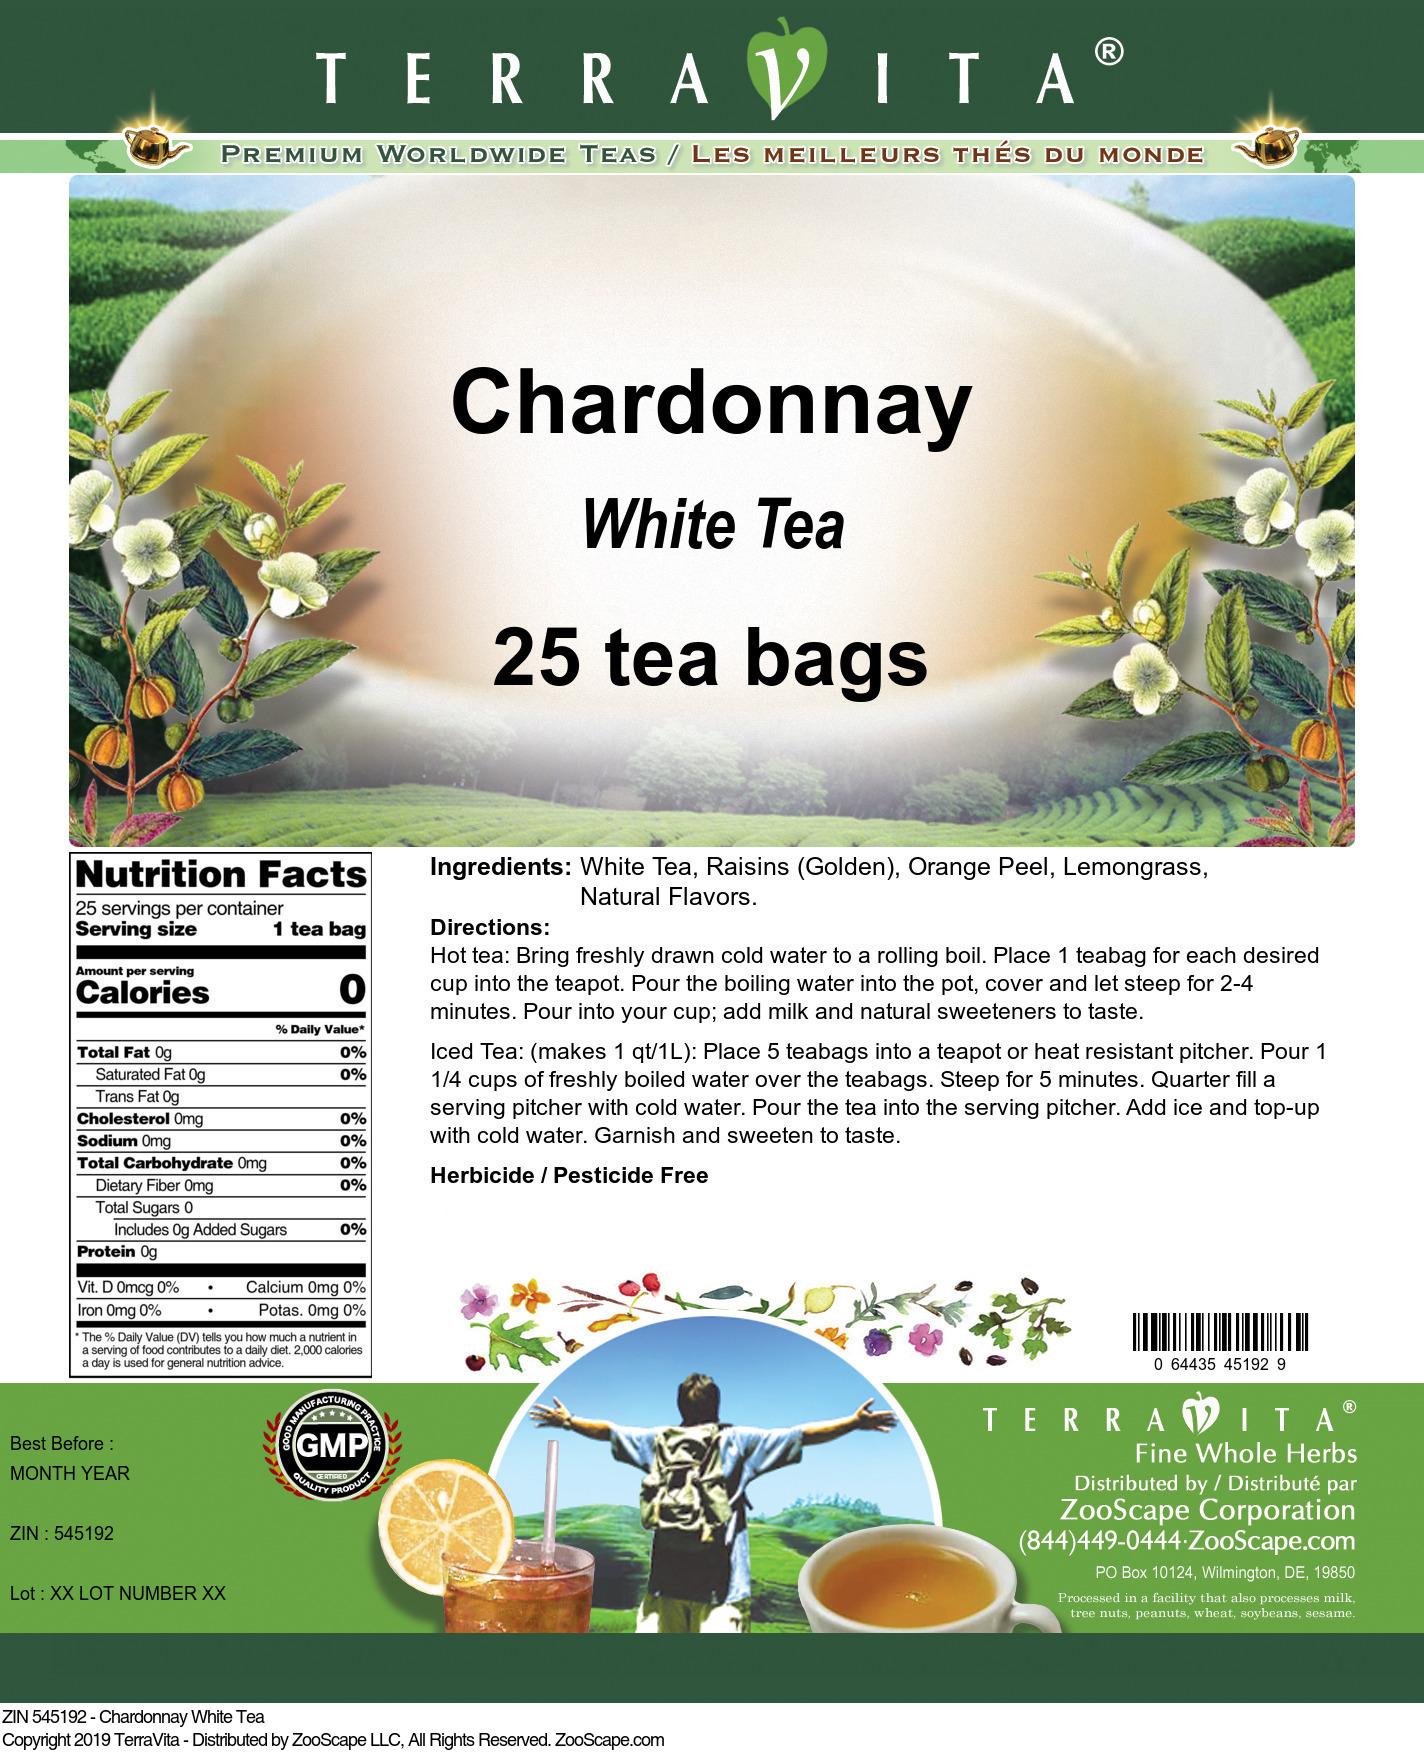 Chardonnay White Tea